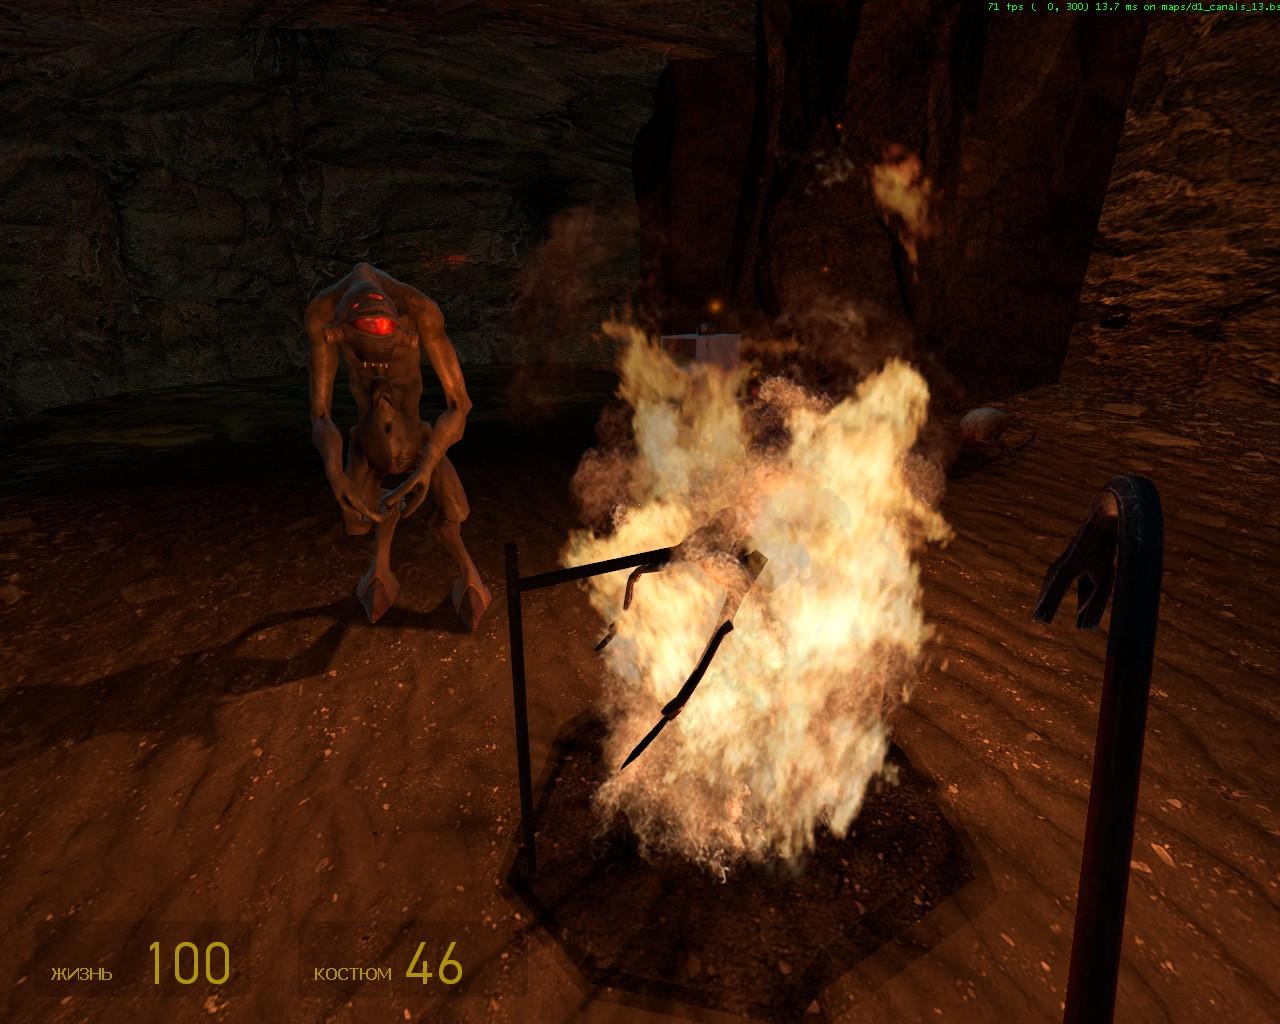 d1_canals_130001.jpg - Half-Life 2